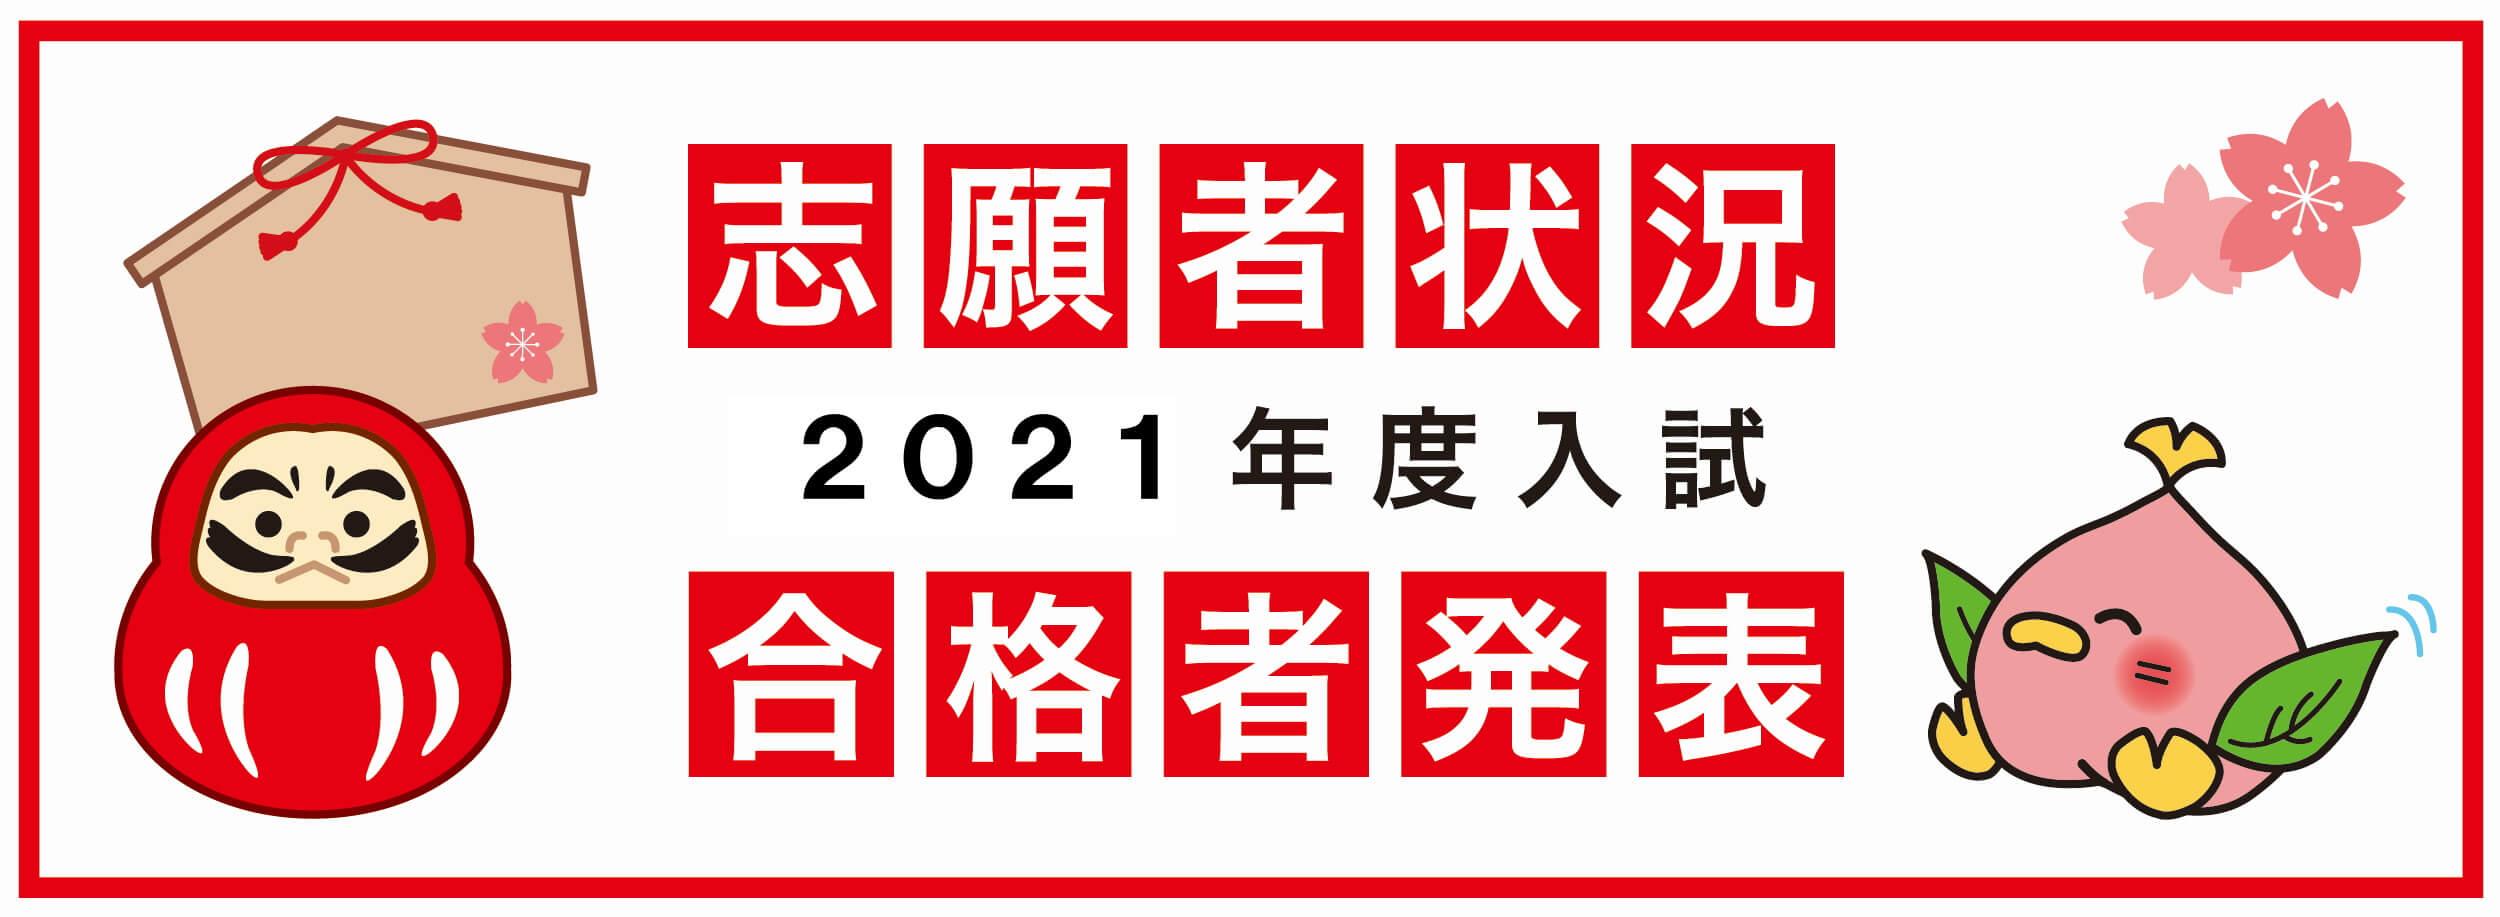 合格 日 大学 国立 2020 発表